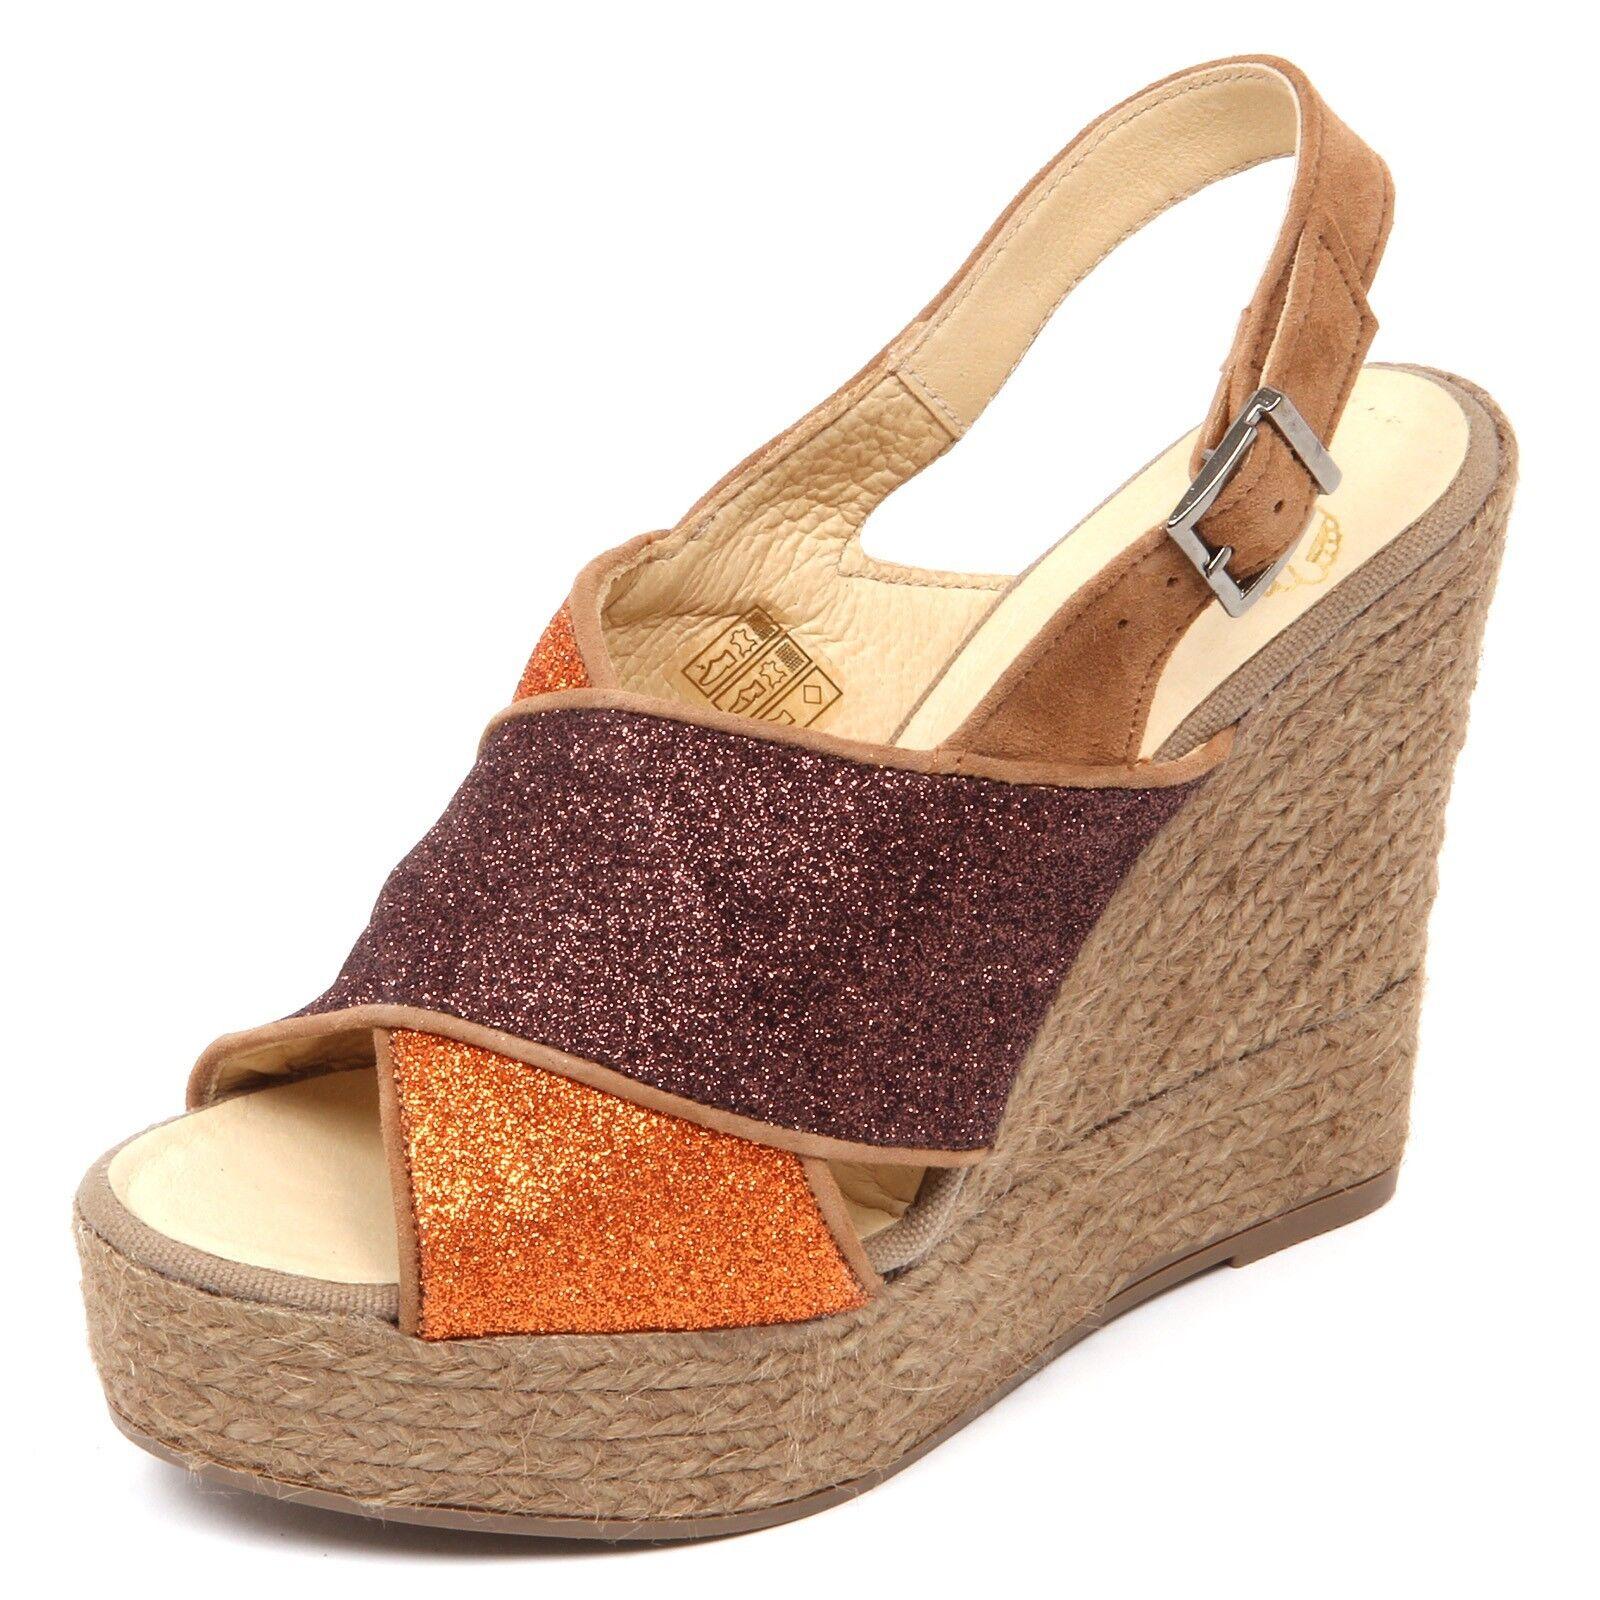 D2560 sandalo donna Marronee arancia ESPADRILLES zeppa glitter scarpe woman | Pacchetto Elegante E Robusto  | Maschio/Ragazze Scarpa